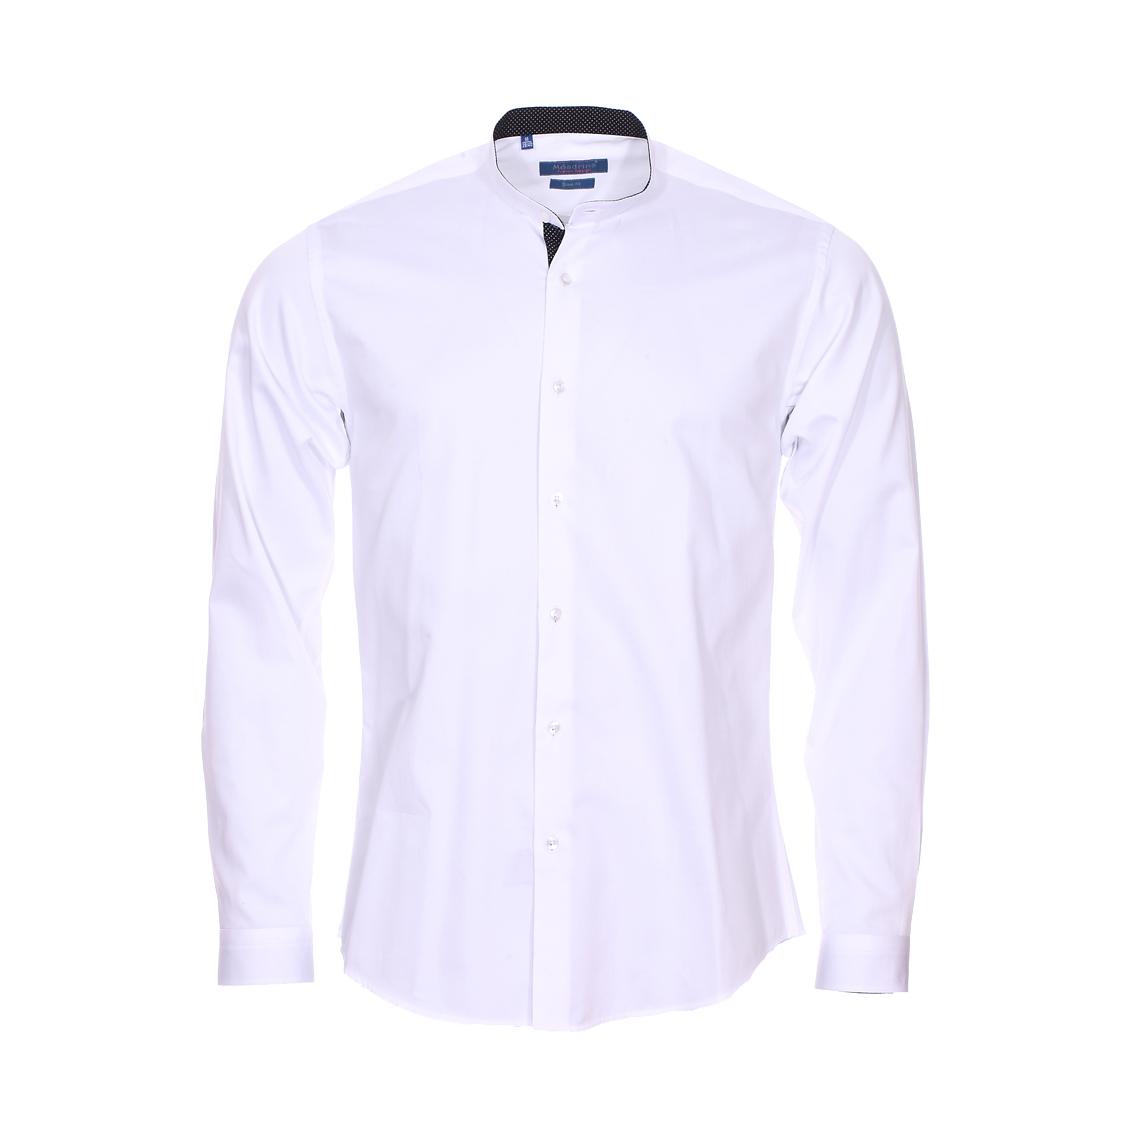 Chemise cintrée  en coton blanc, col mao à opposition noire à pois blancs